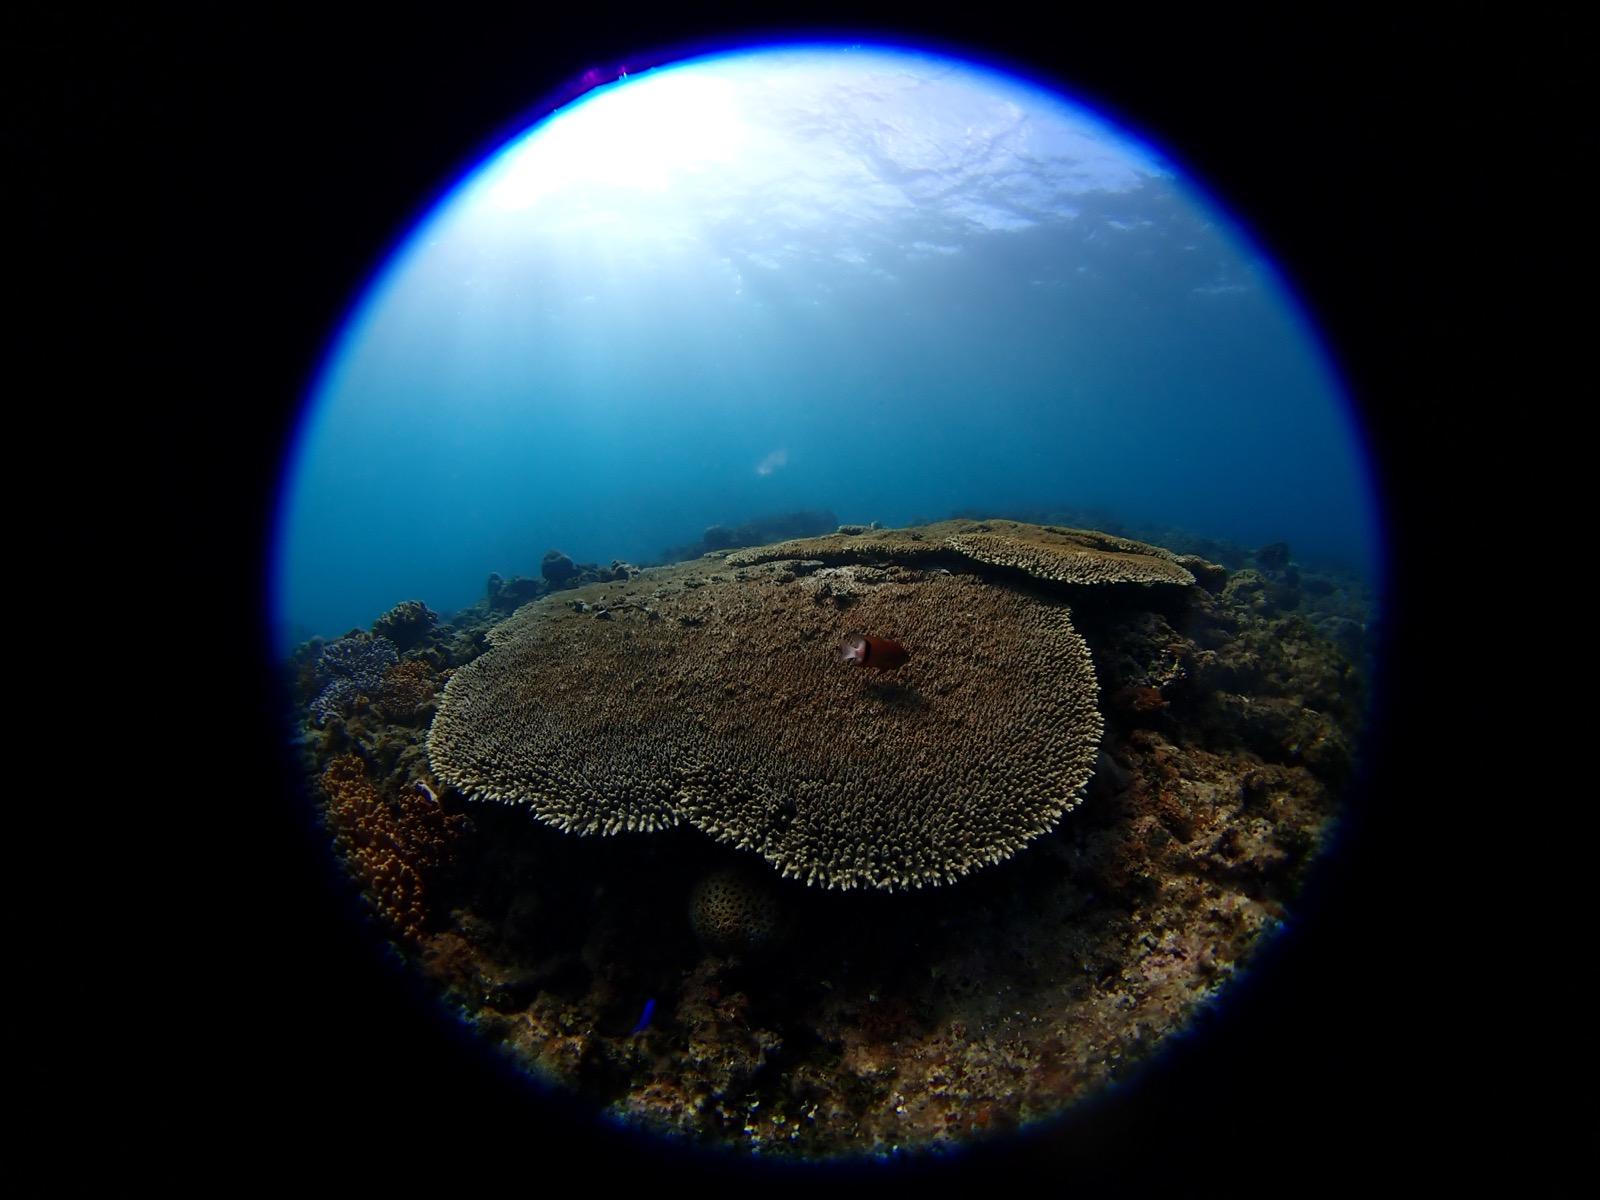 海の写真は魚眼が楽しい! OLYMPUS Tough TG-6 & FCON-T02 レビュー